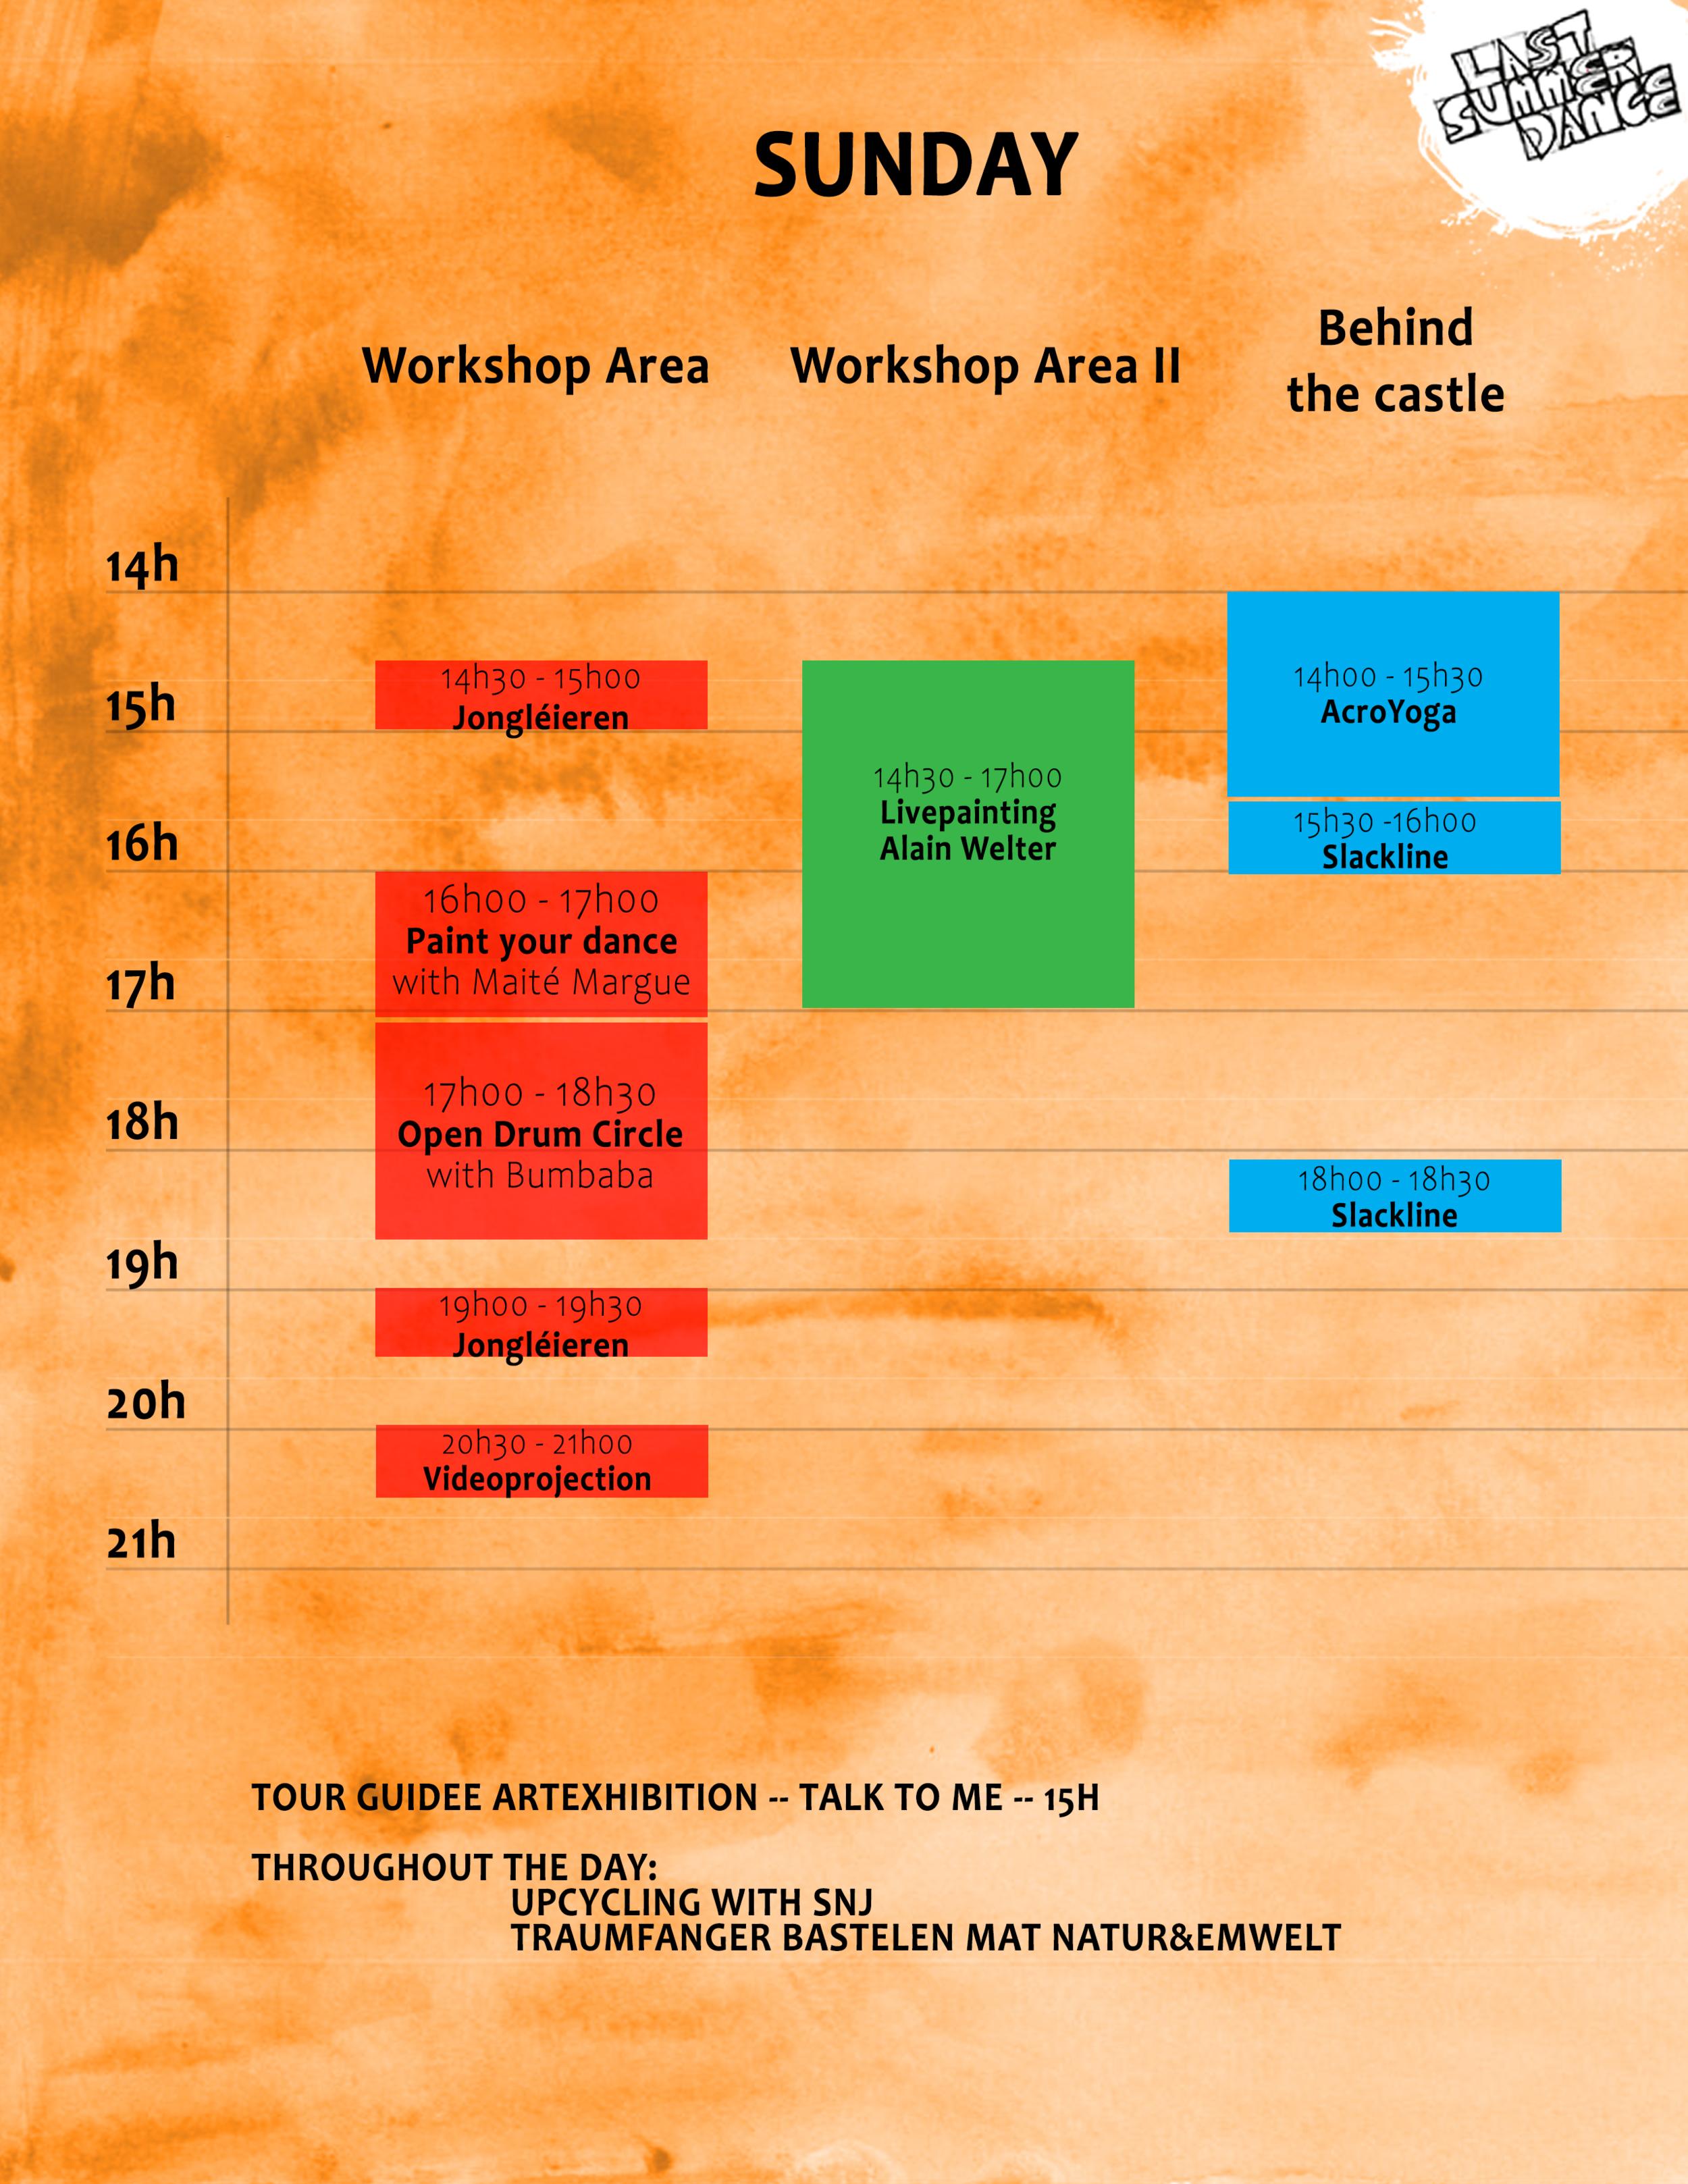 timetables2019-workshop-sunday.png